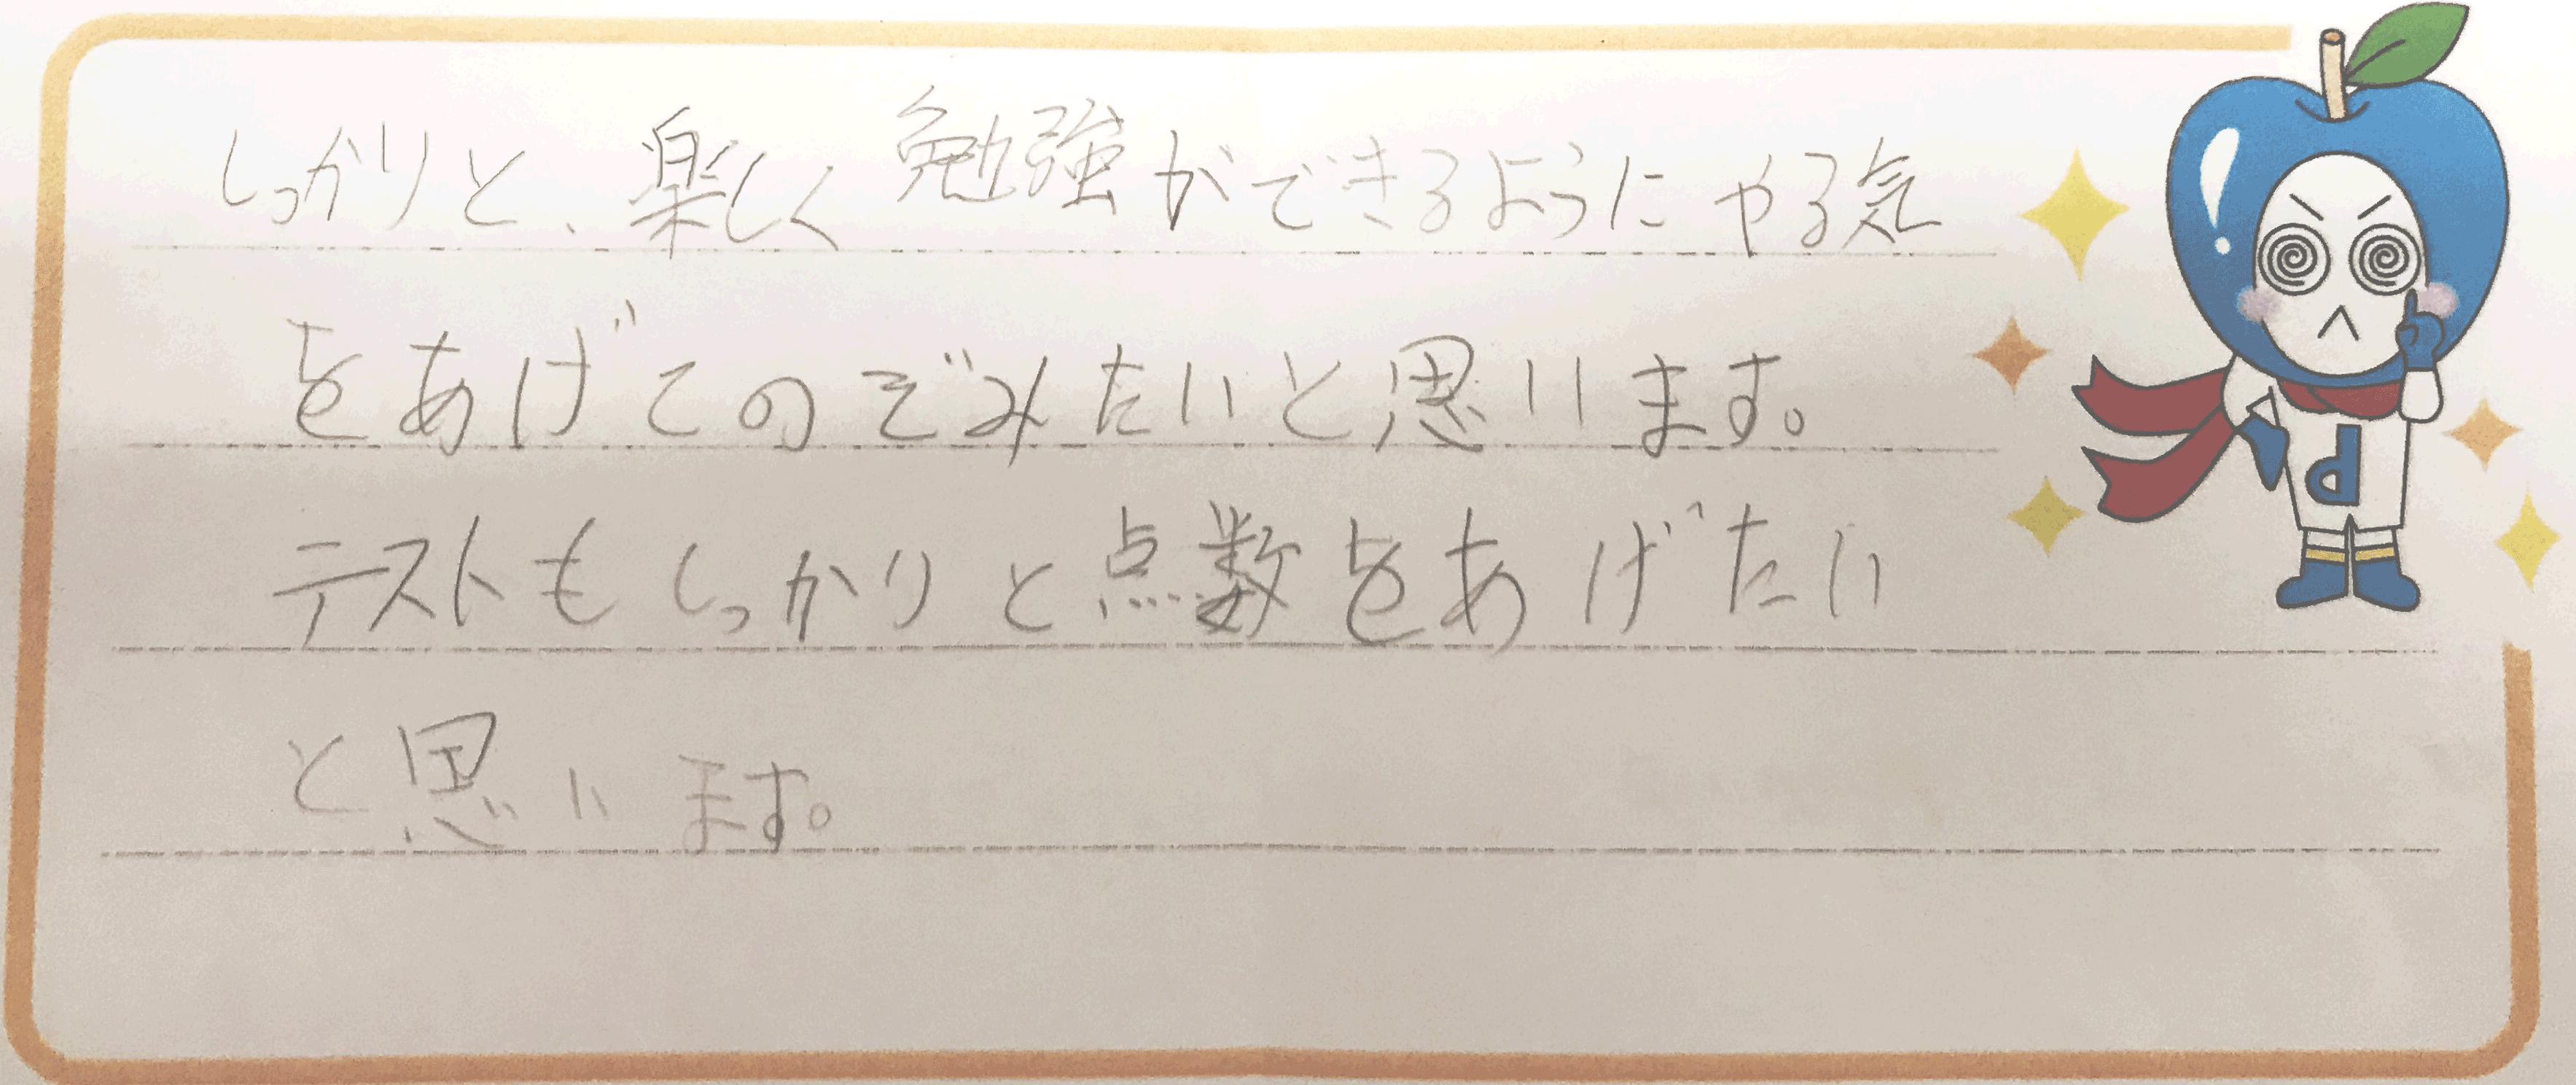 N君(小松市)からの口コミ